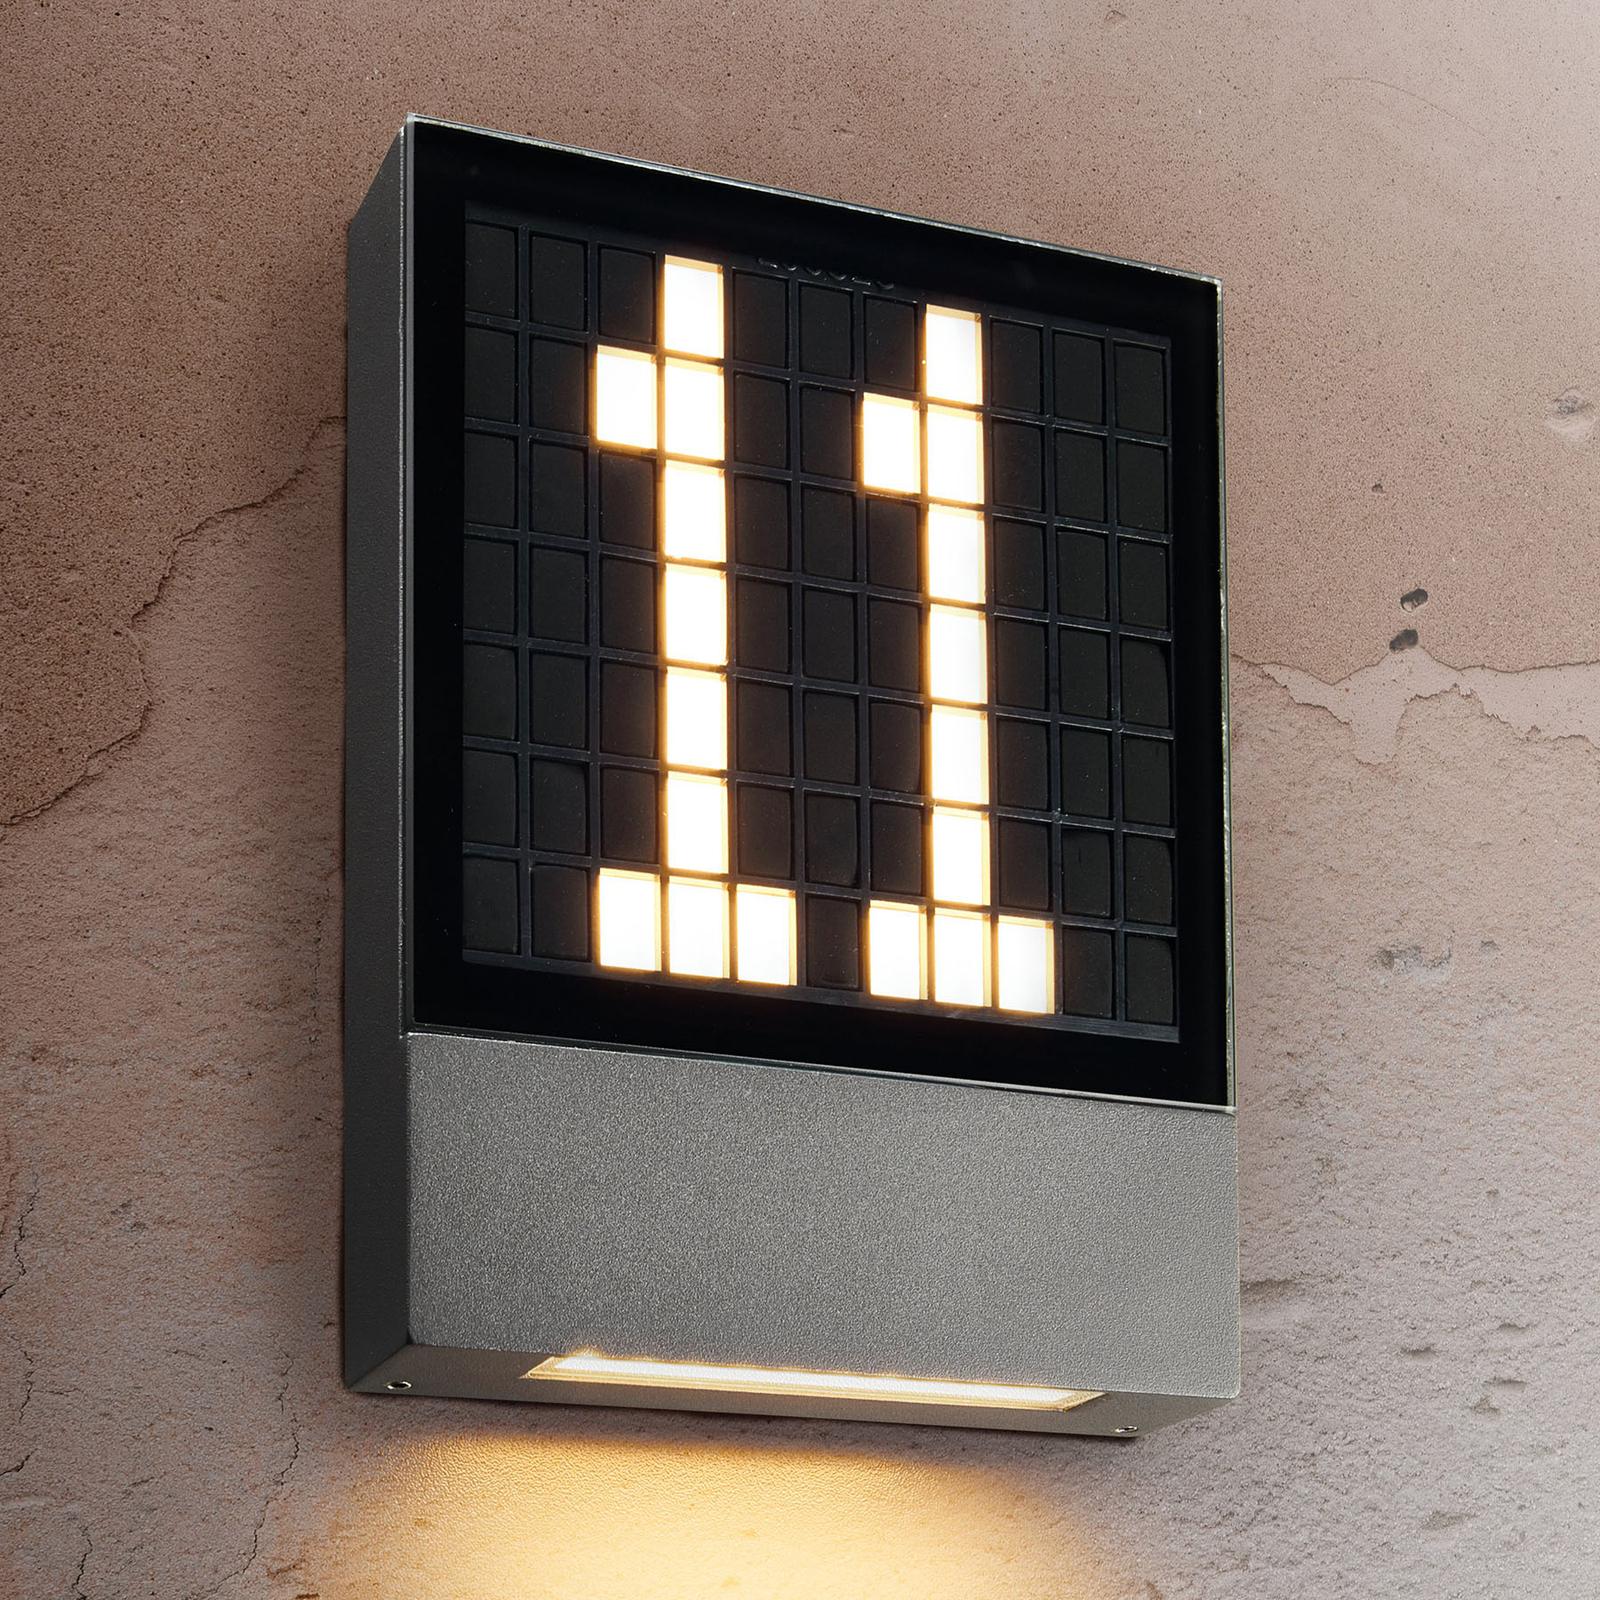 Oświetlenie numeru domu LED Pavia system wtykowy